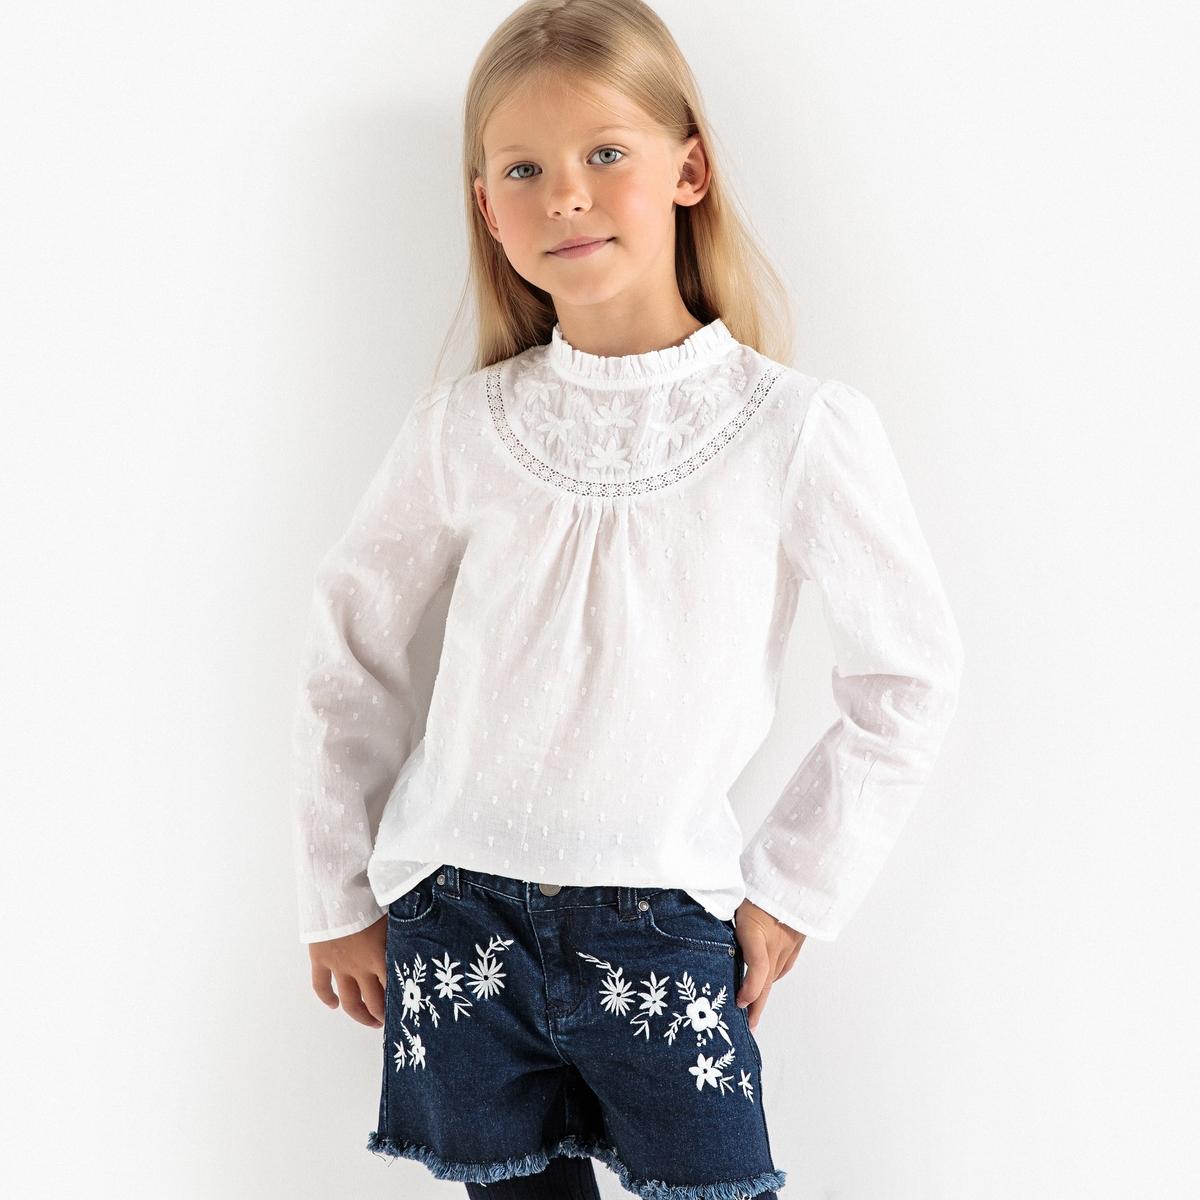 Блузка из расшитой гладью ткани с вышивкой, 3-12 лет